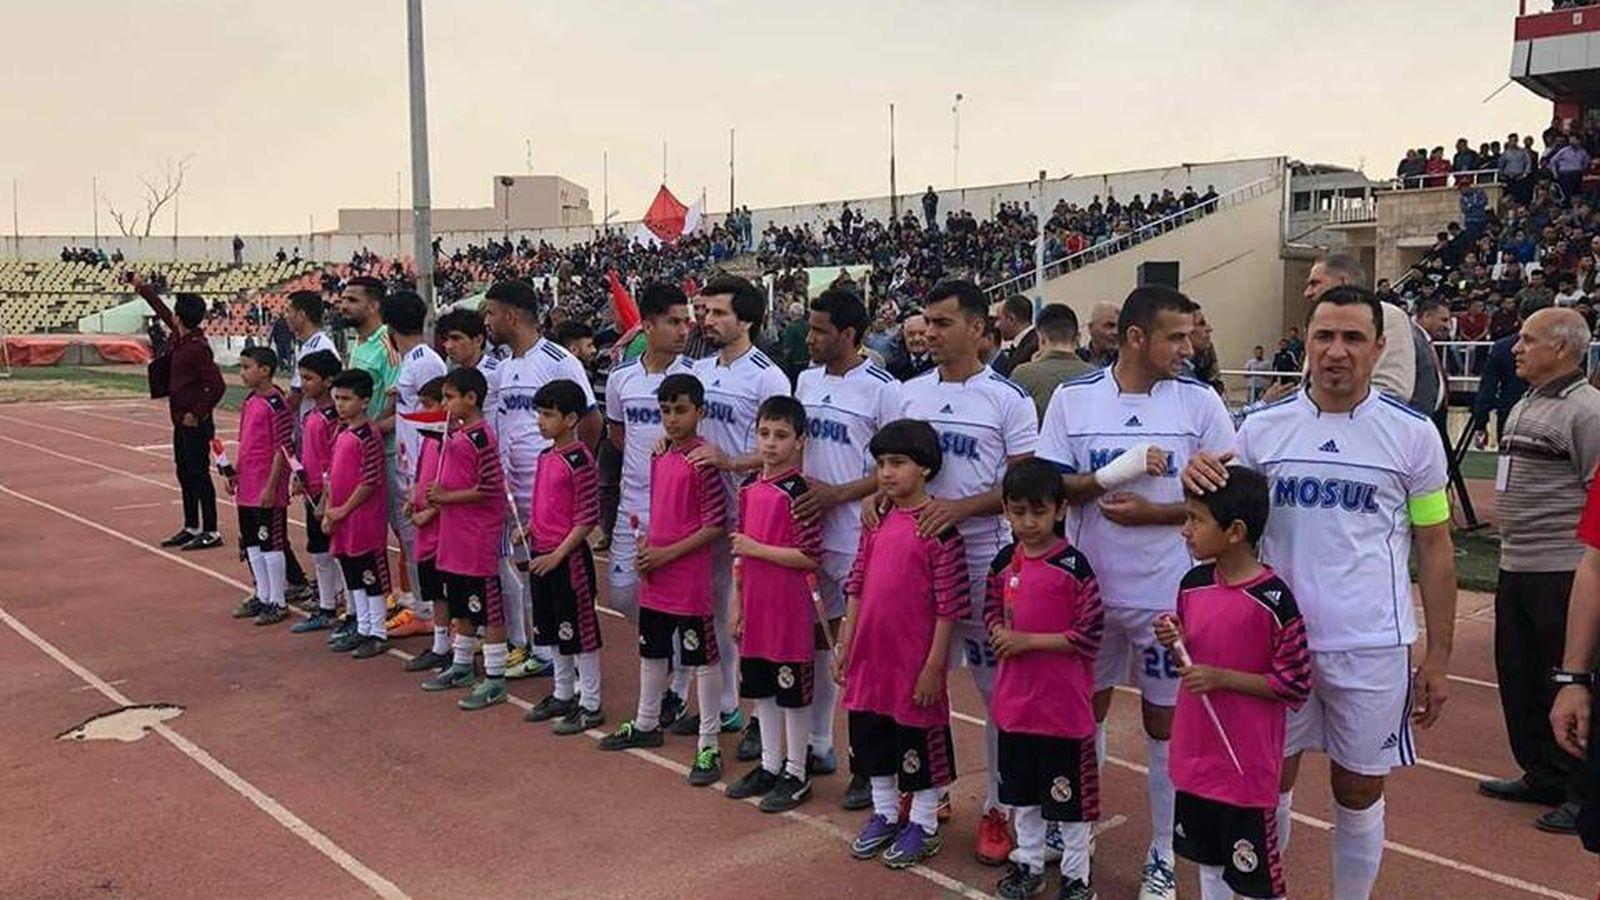 Foto: Los jugadores del Mosul antes de su primer partido. (Twitter/iraq_football_)